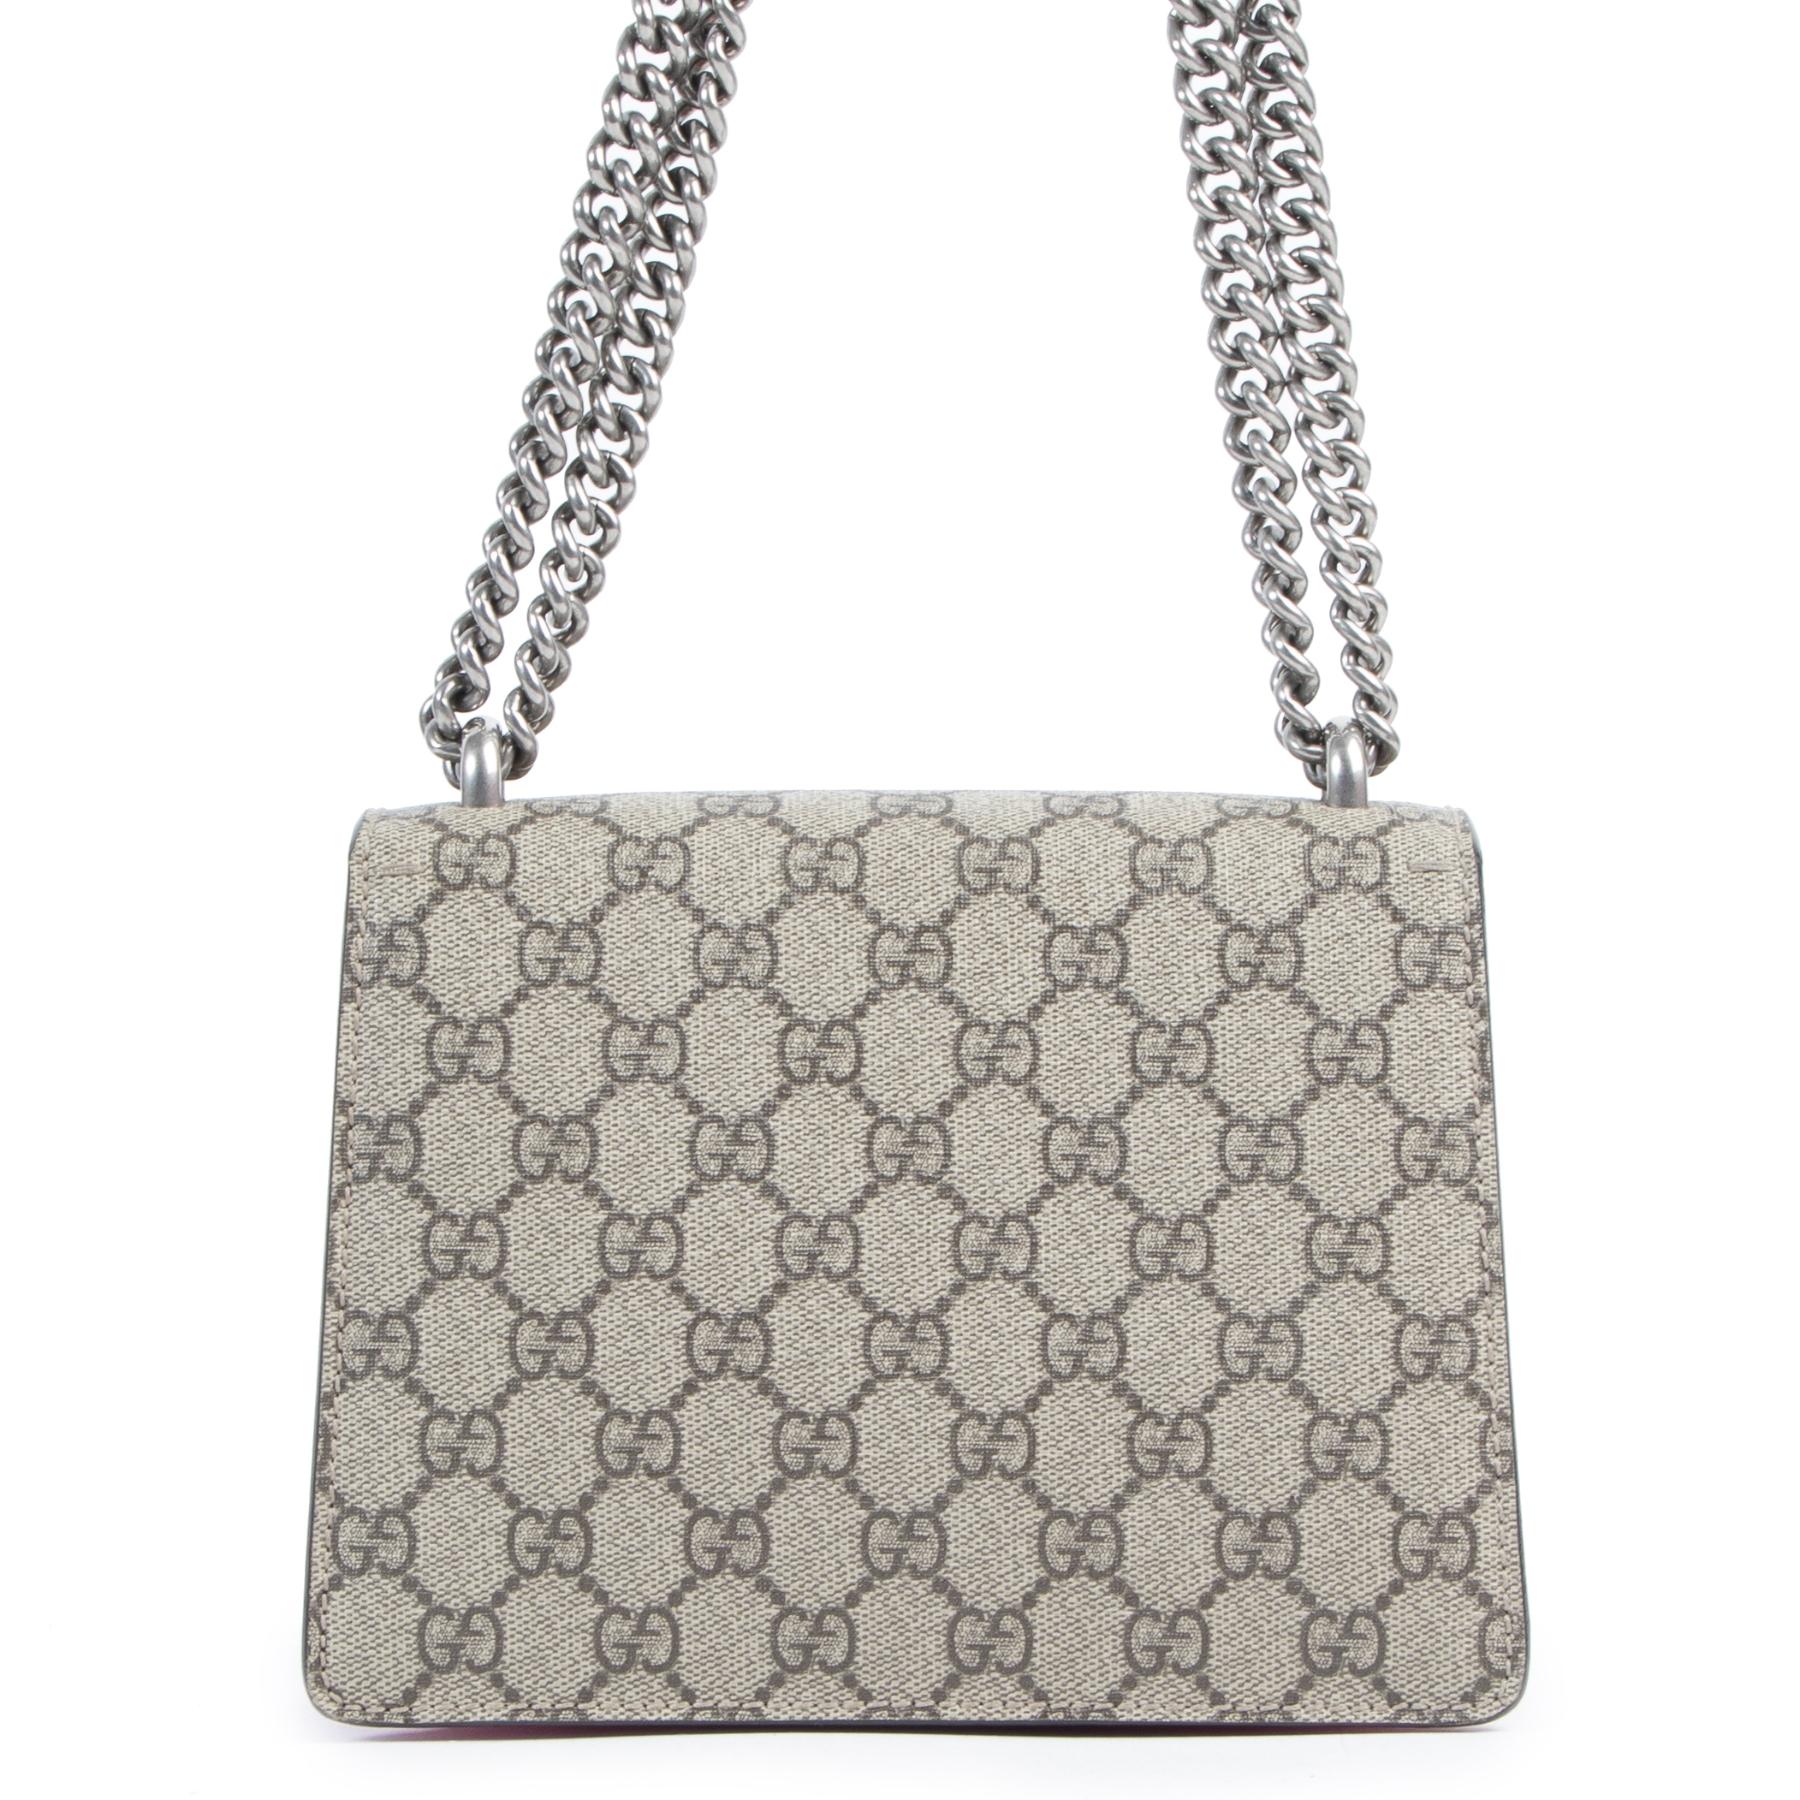 Authentieke Tweedehands Gucci Pink Dionysus GG Supreme Mini Shoulder Bag juiste prijs veilig online shoppen luxe merken webshop winkelen Antwerpen België mode fashion